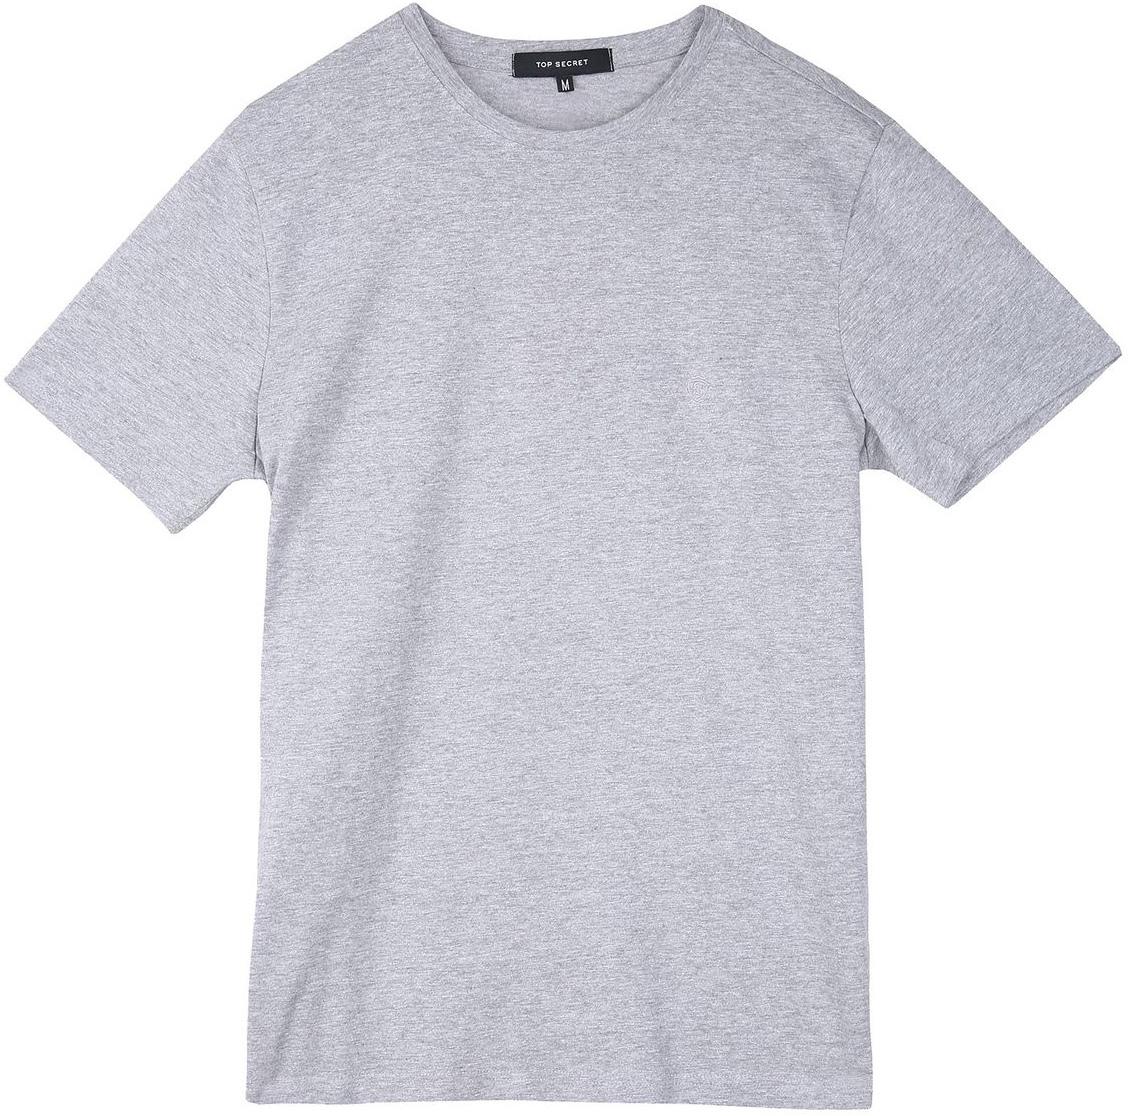 Футболка мужская Top Secret, цвет: серый. SPO3133SZ. Размер L (50)SPO3133SZФутболка мужская Top Secret выполнена из 100% хлопка. Модель с круглым вырезом горловины и короткими рукавами.